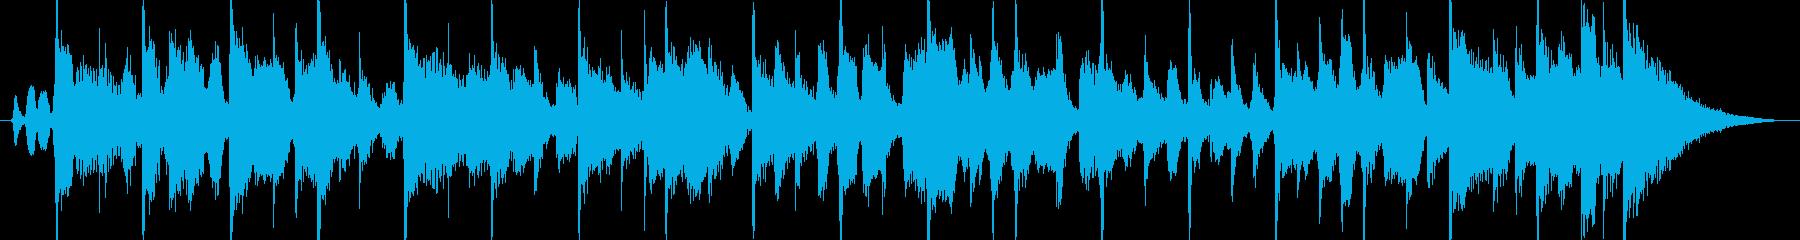 ハーモニカ生演奏カントリーロック風の再生済みの波形